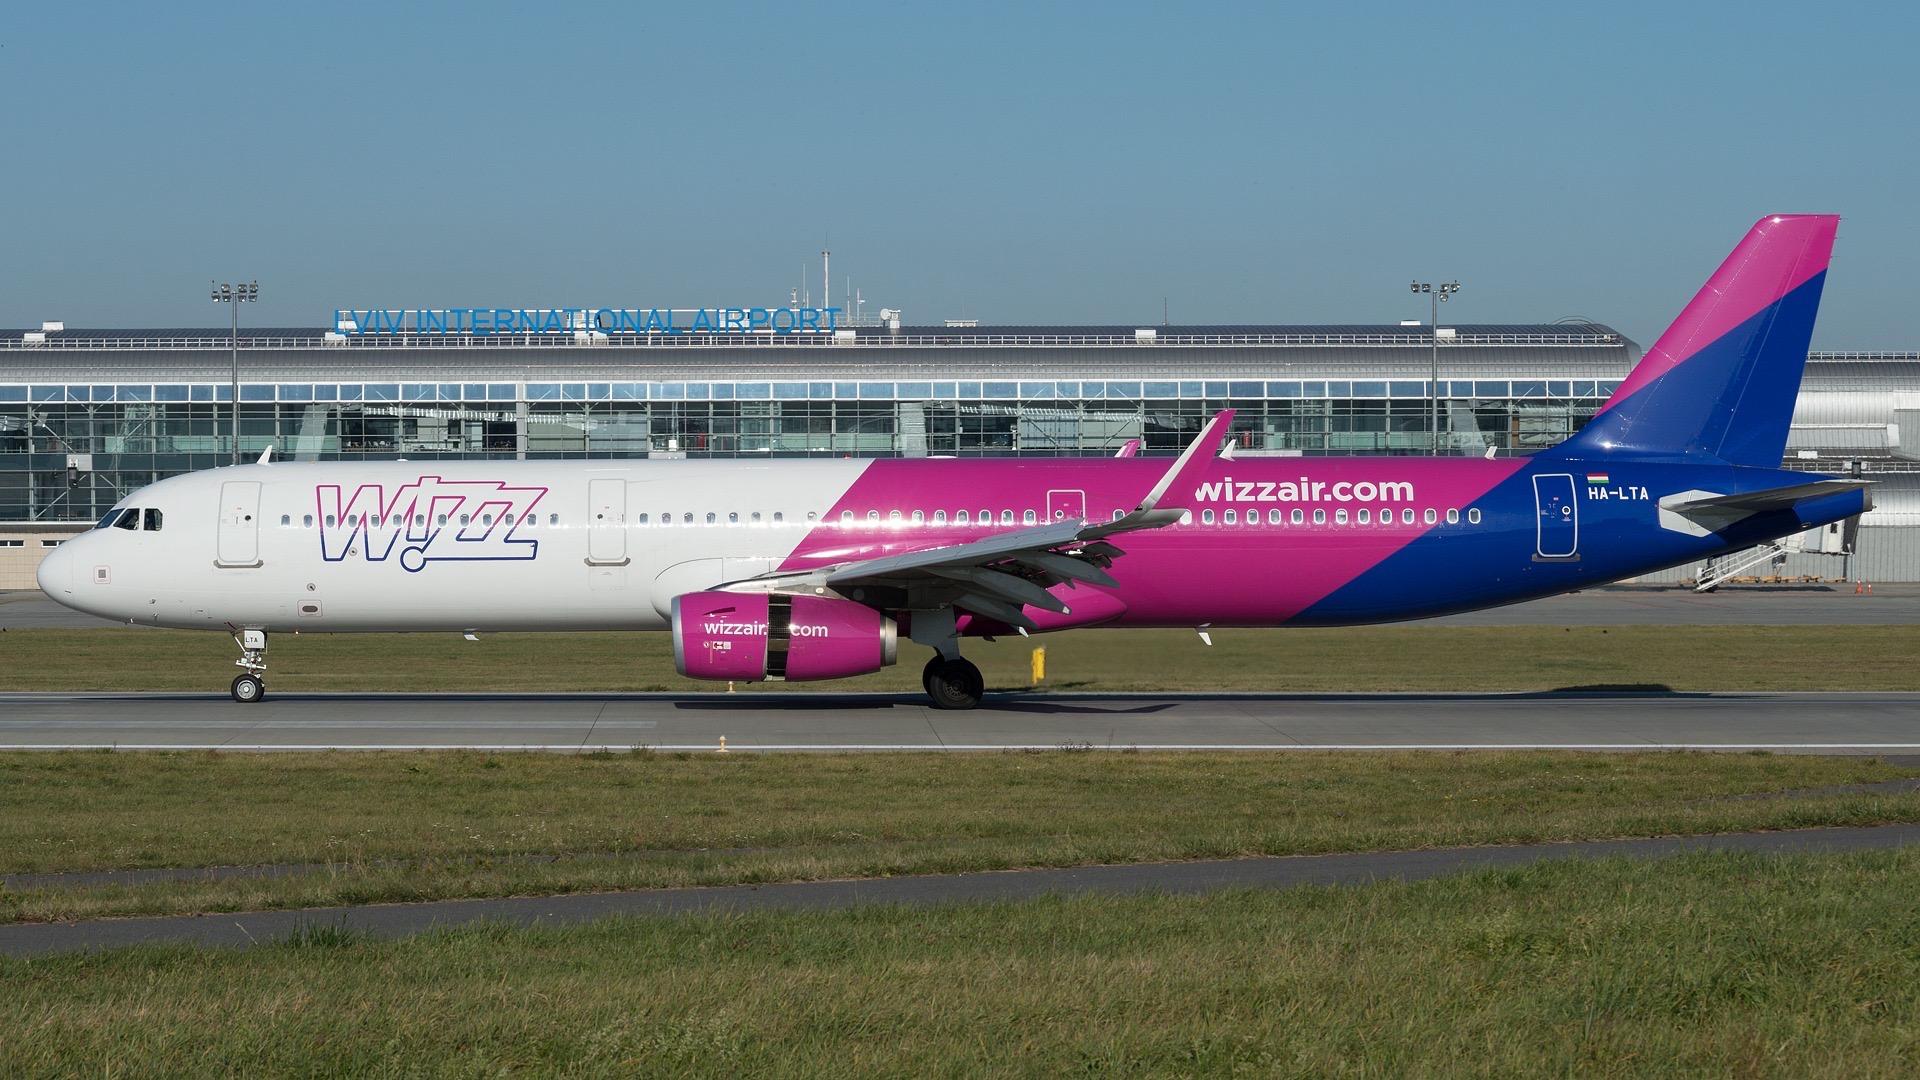 საქართველოს საავიაციო ბაზარზე კვლავ Wizz Air-ი ლიდერობს